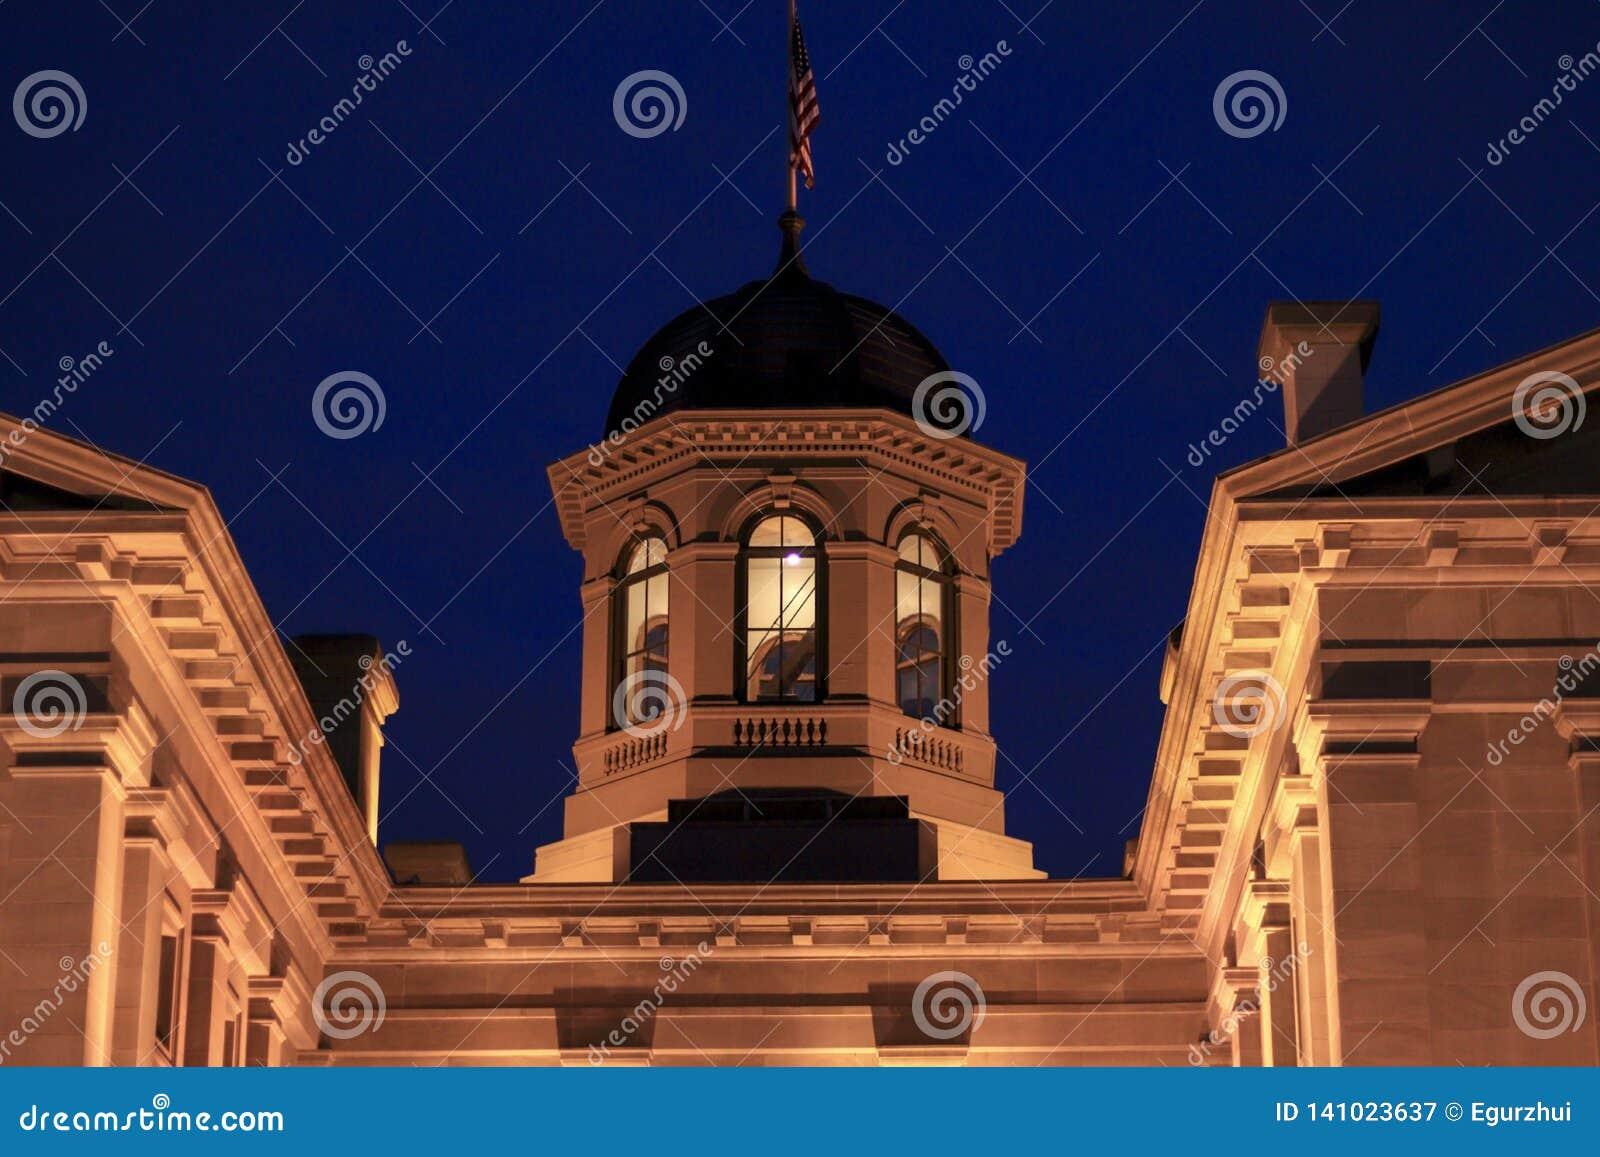 Banbrytande domstolsbyggnad på natten